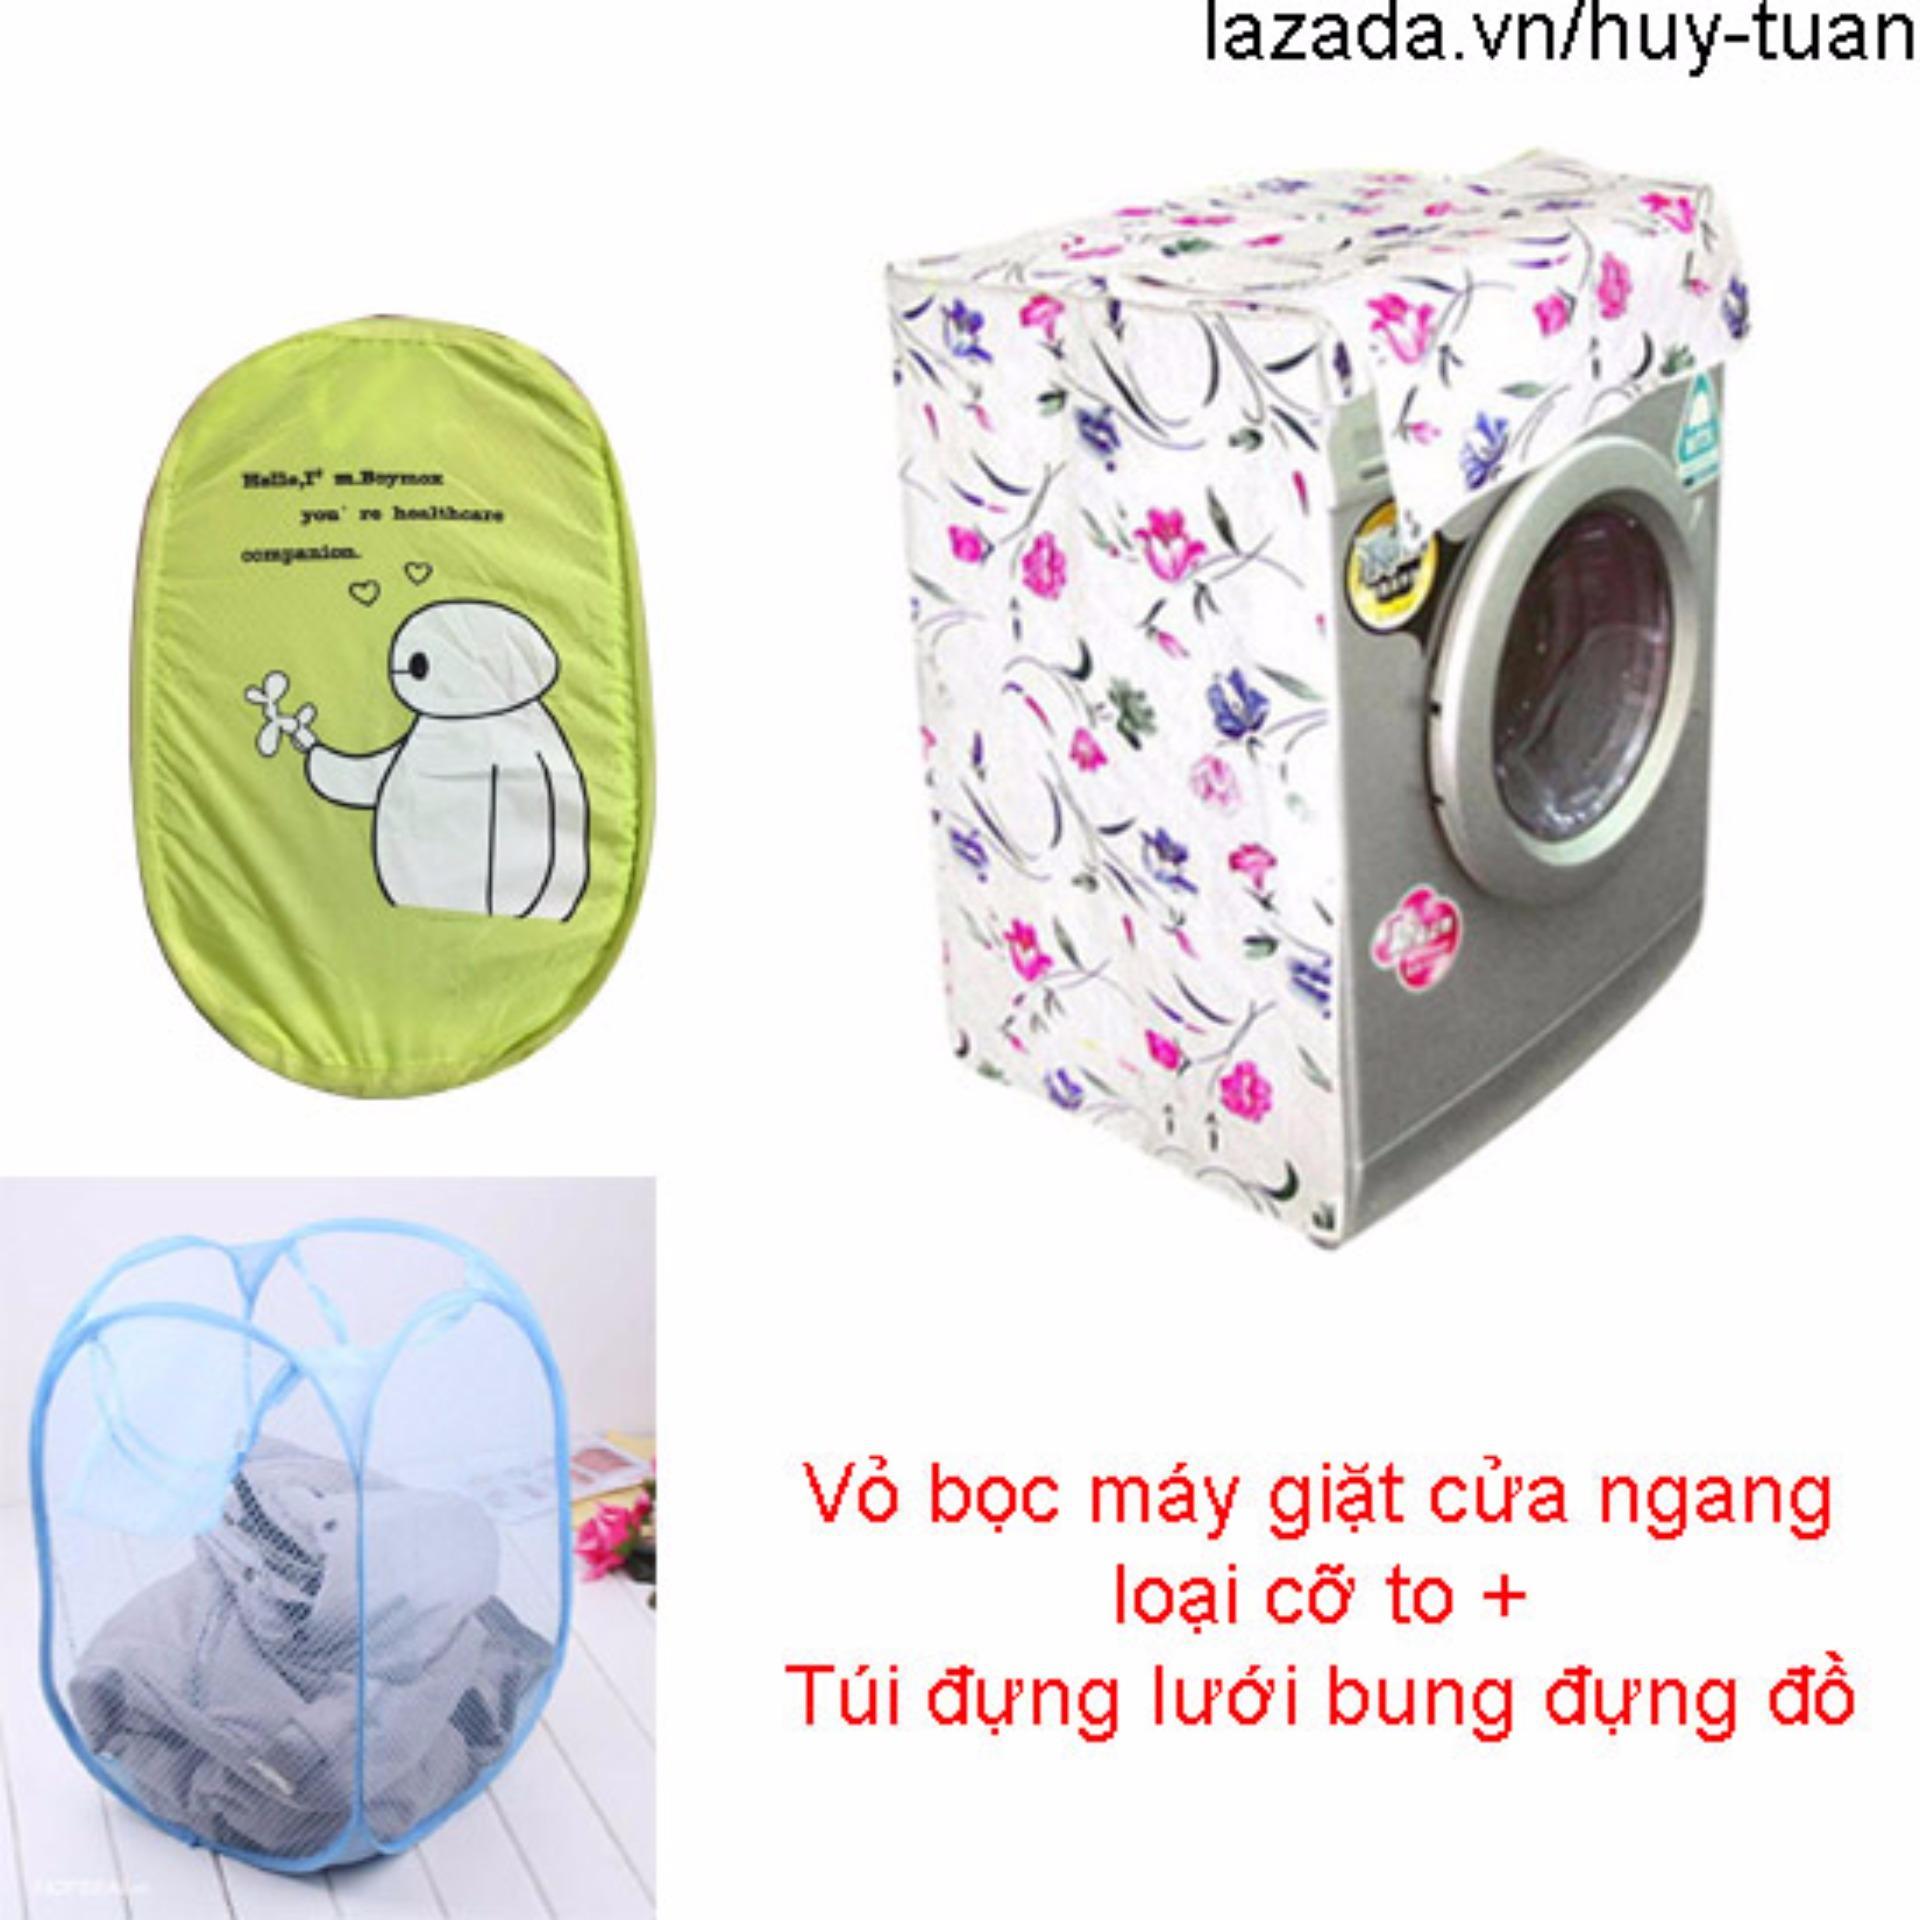 Vỏ bọc máy giặt cửa ngang cỡ to ( màu ngẫu nhiên ) + túi lưới bung ( Xanh lá )